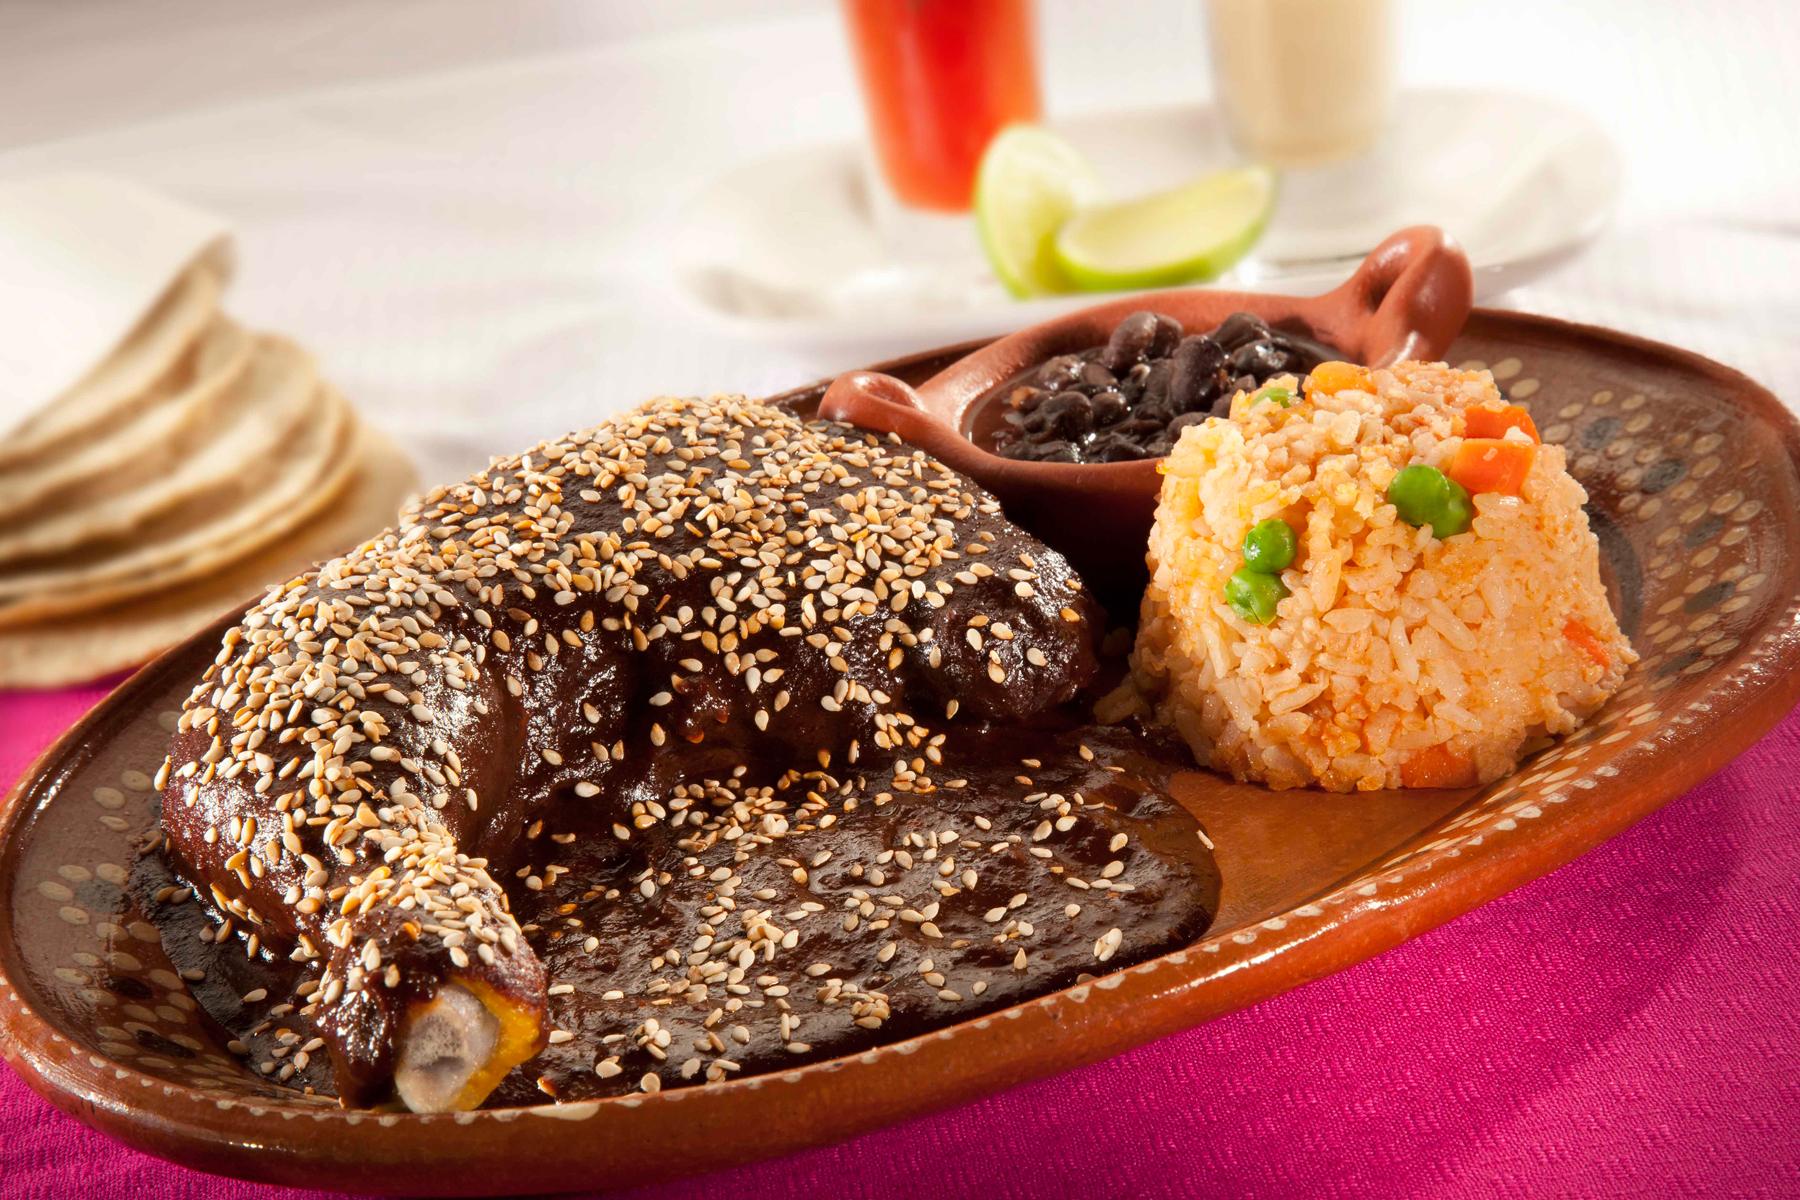 Pollo con mole y arroz